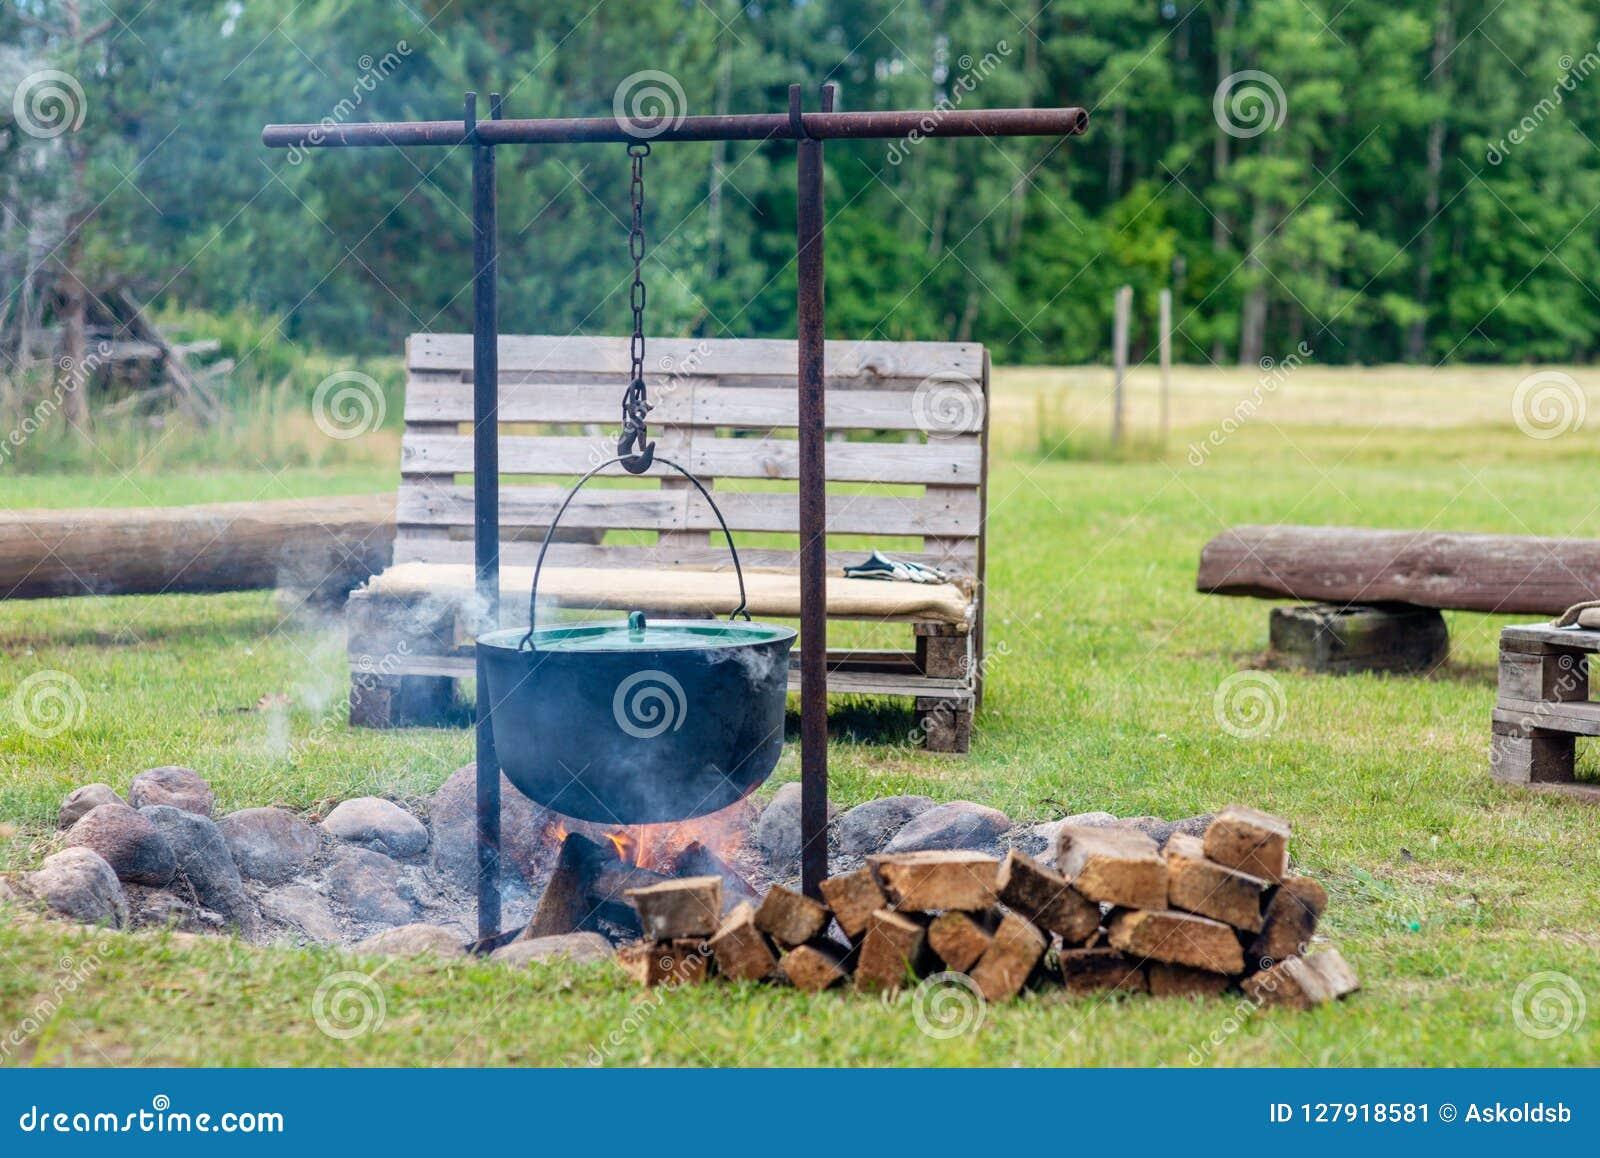 Место лагерного костера с деревянными скамьями около загородного дома